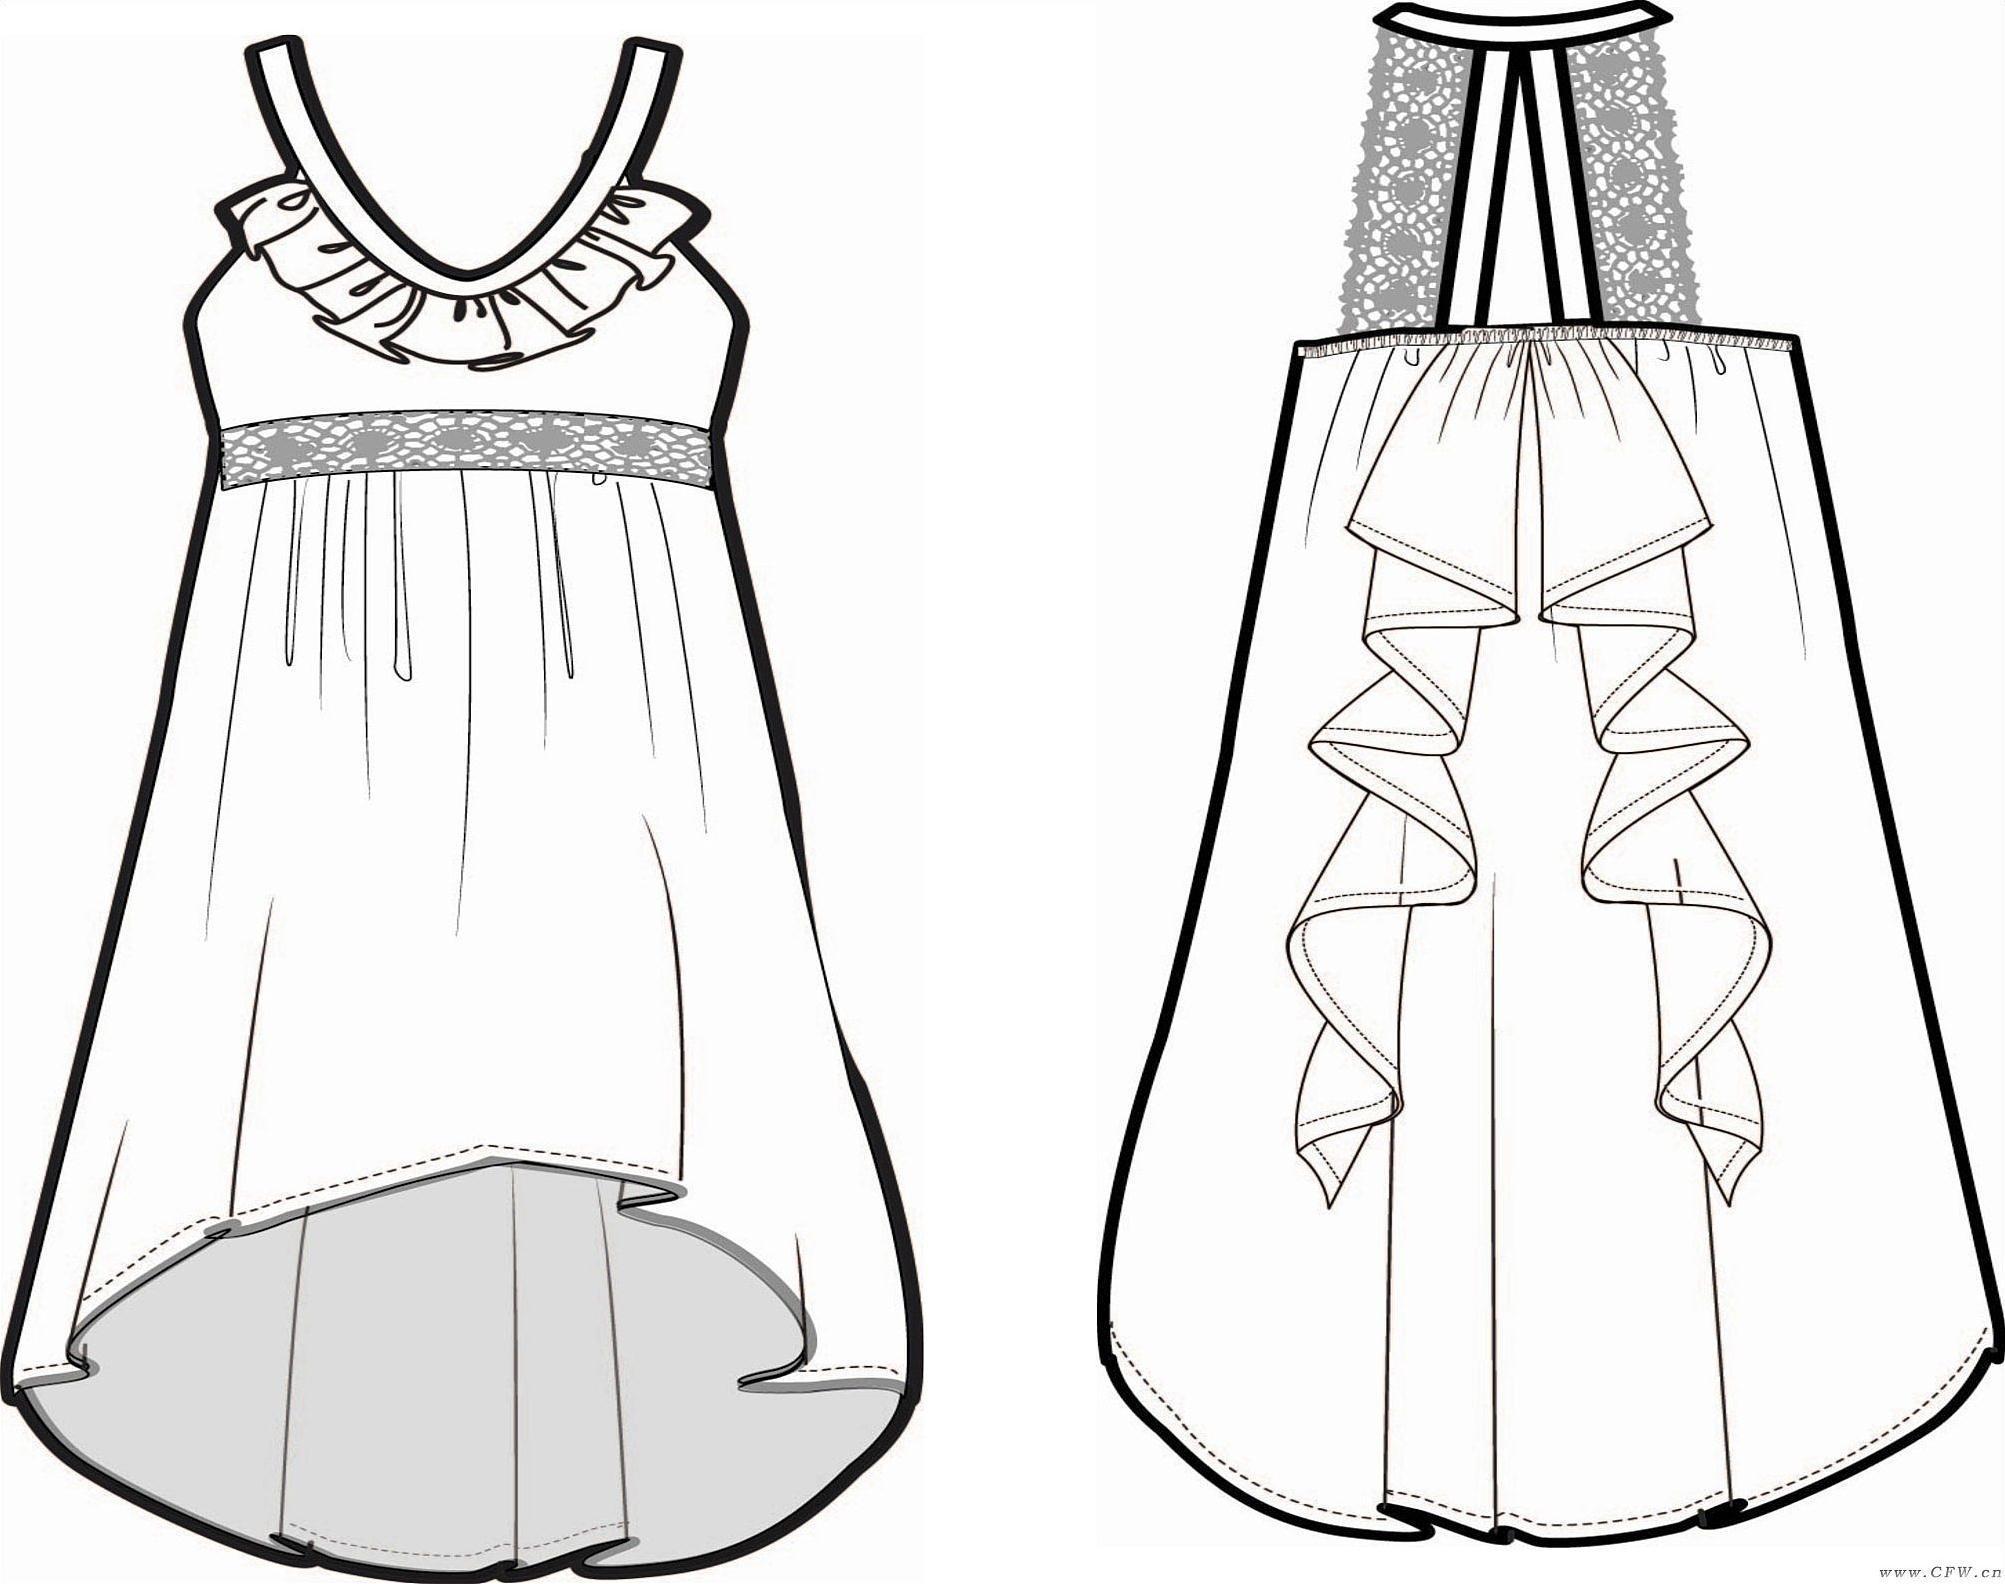 漫画线稿素材衣服